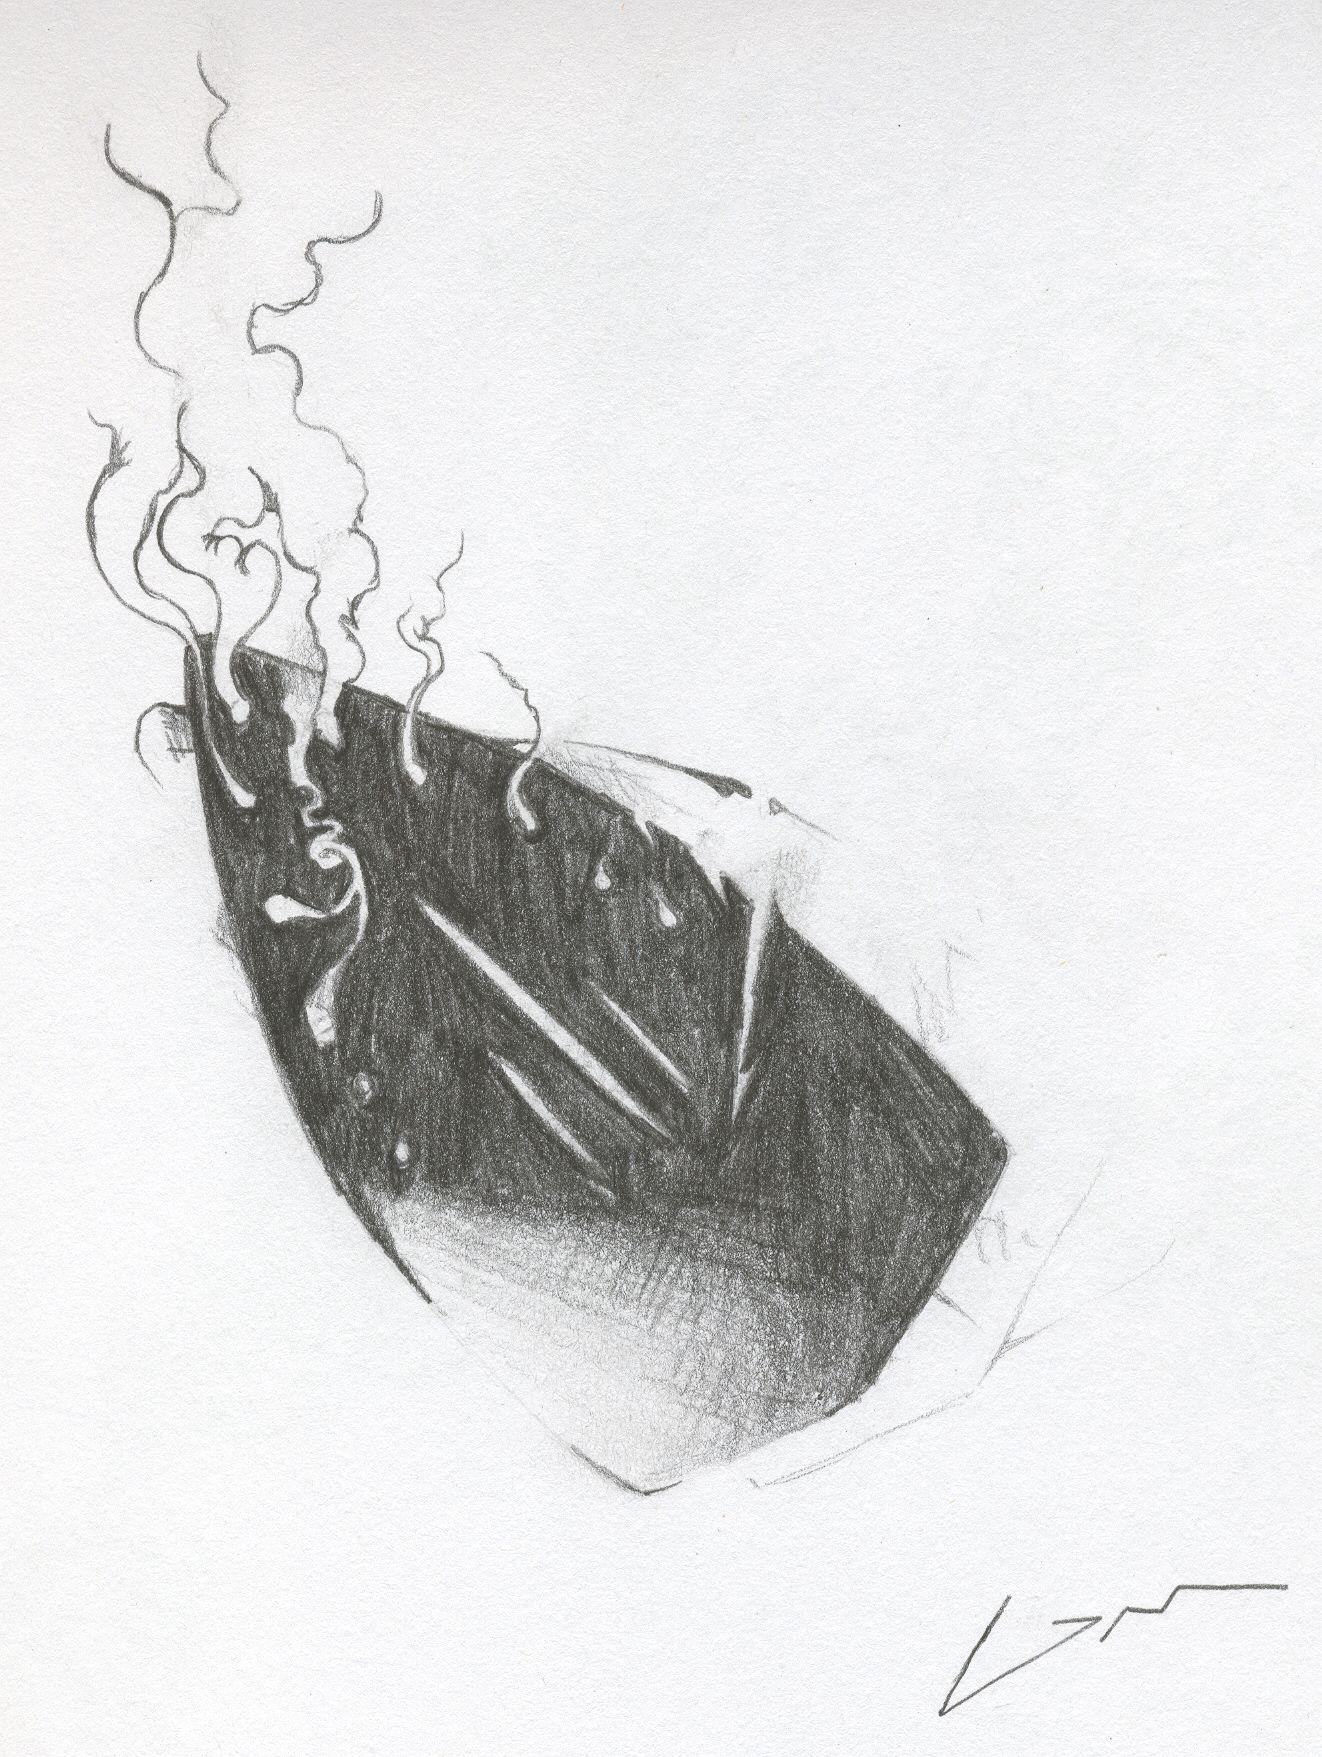 quemadura de plancha 1. | Mis dibujos | Pinterest | Planchas y Dibujo